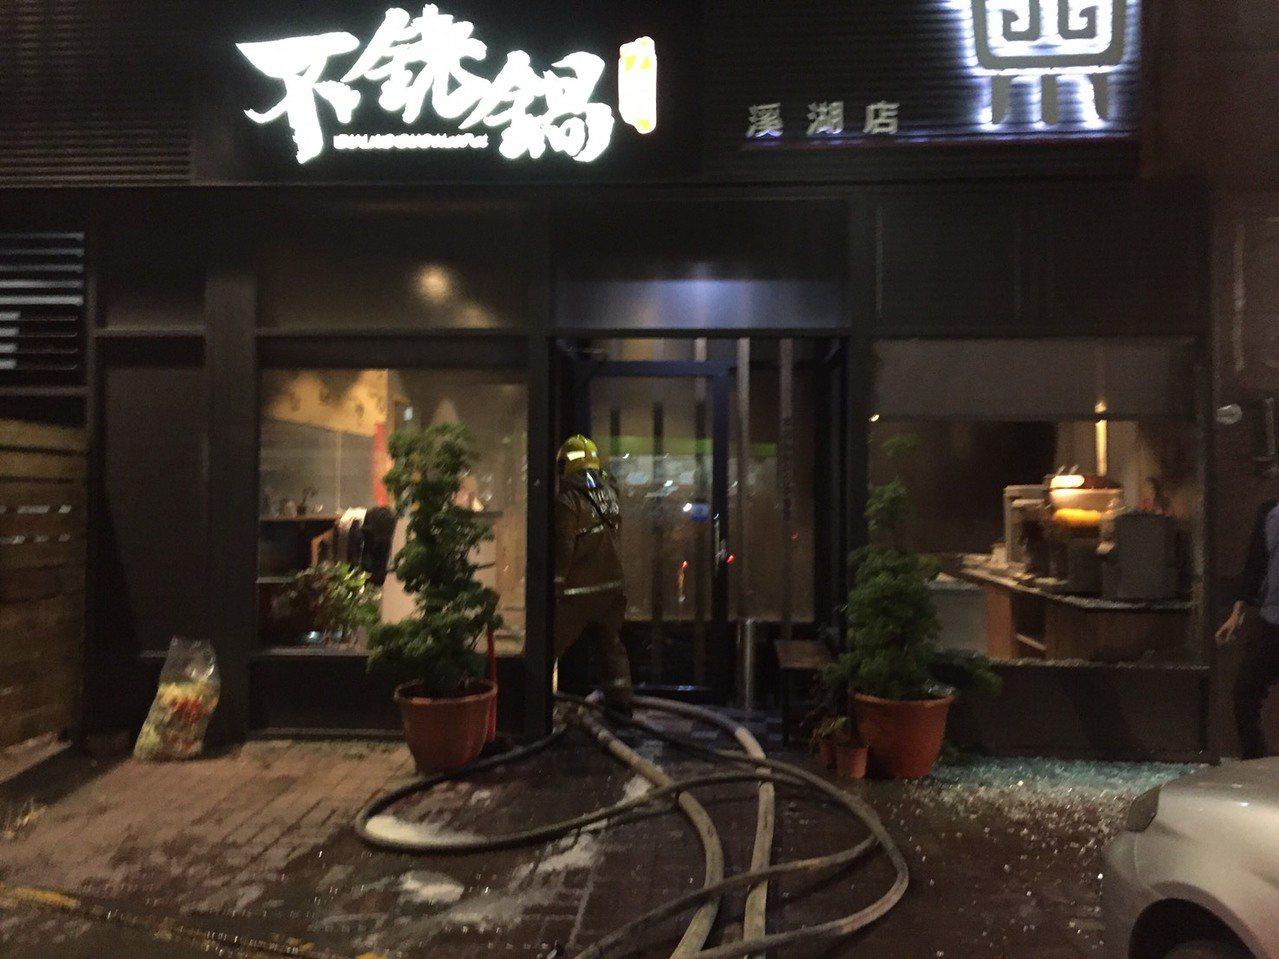 彰化縣溪湖鎮不銠鍋餐廳今晚6時發生氣爆案,造成7人受傷。圖/消防局提供